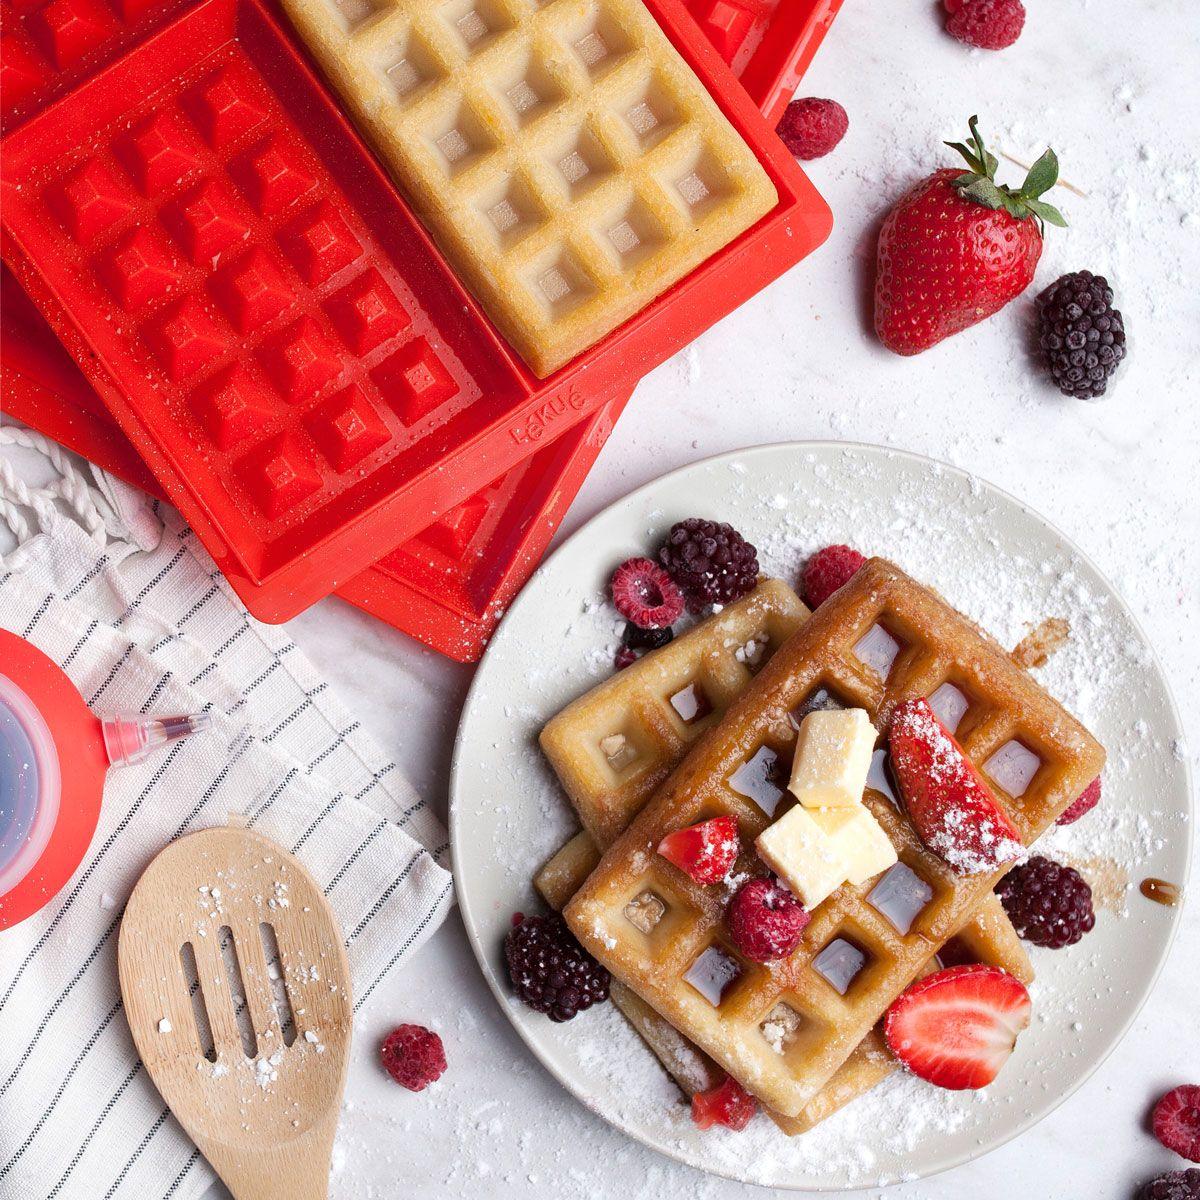 Pyszne, wiosenne połączenie - chrupiące gofry ze świeżymi owocami. #electrolux #electroluxpl #foodie #food #yummy #sweet #fruits #truskawki #omnomnom #dessert #gofry #słodkości #foodlovers #food #wiosna